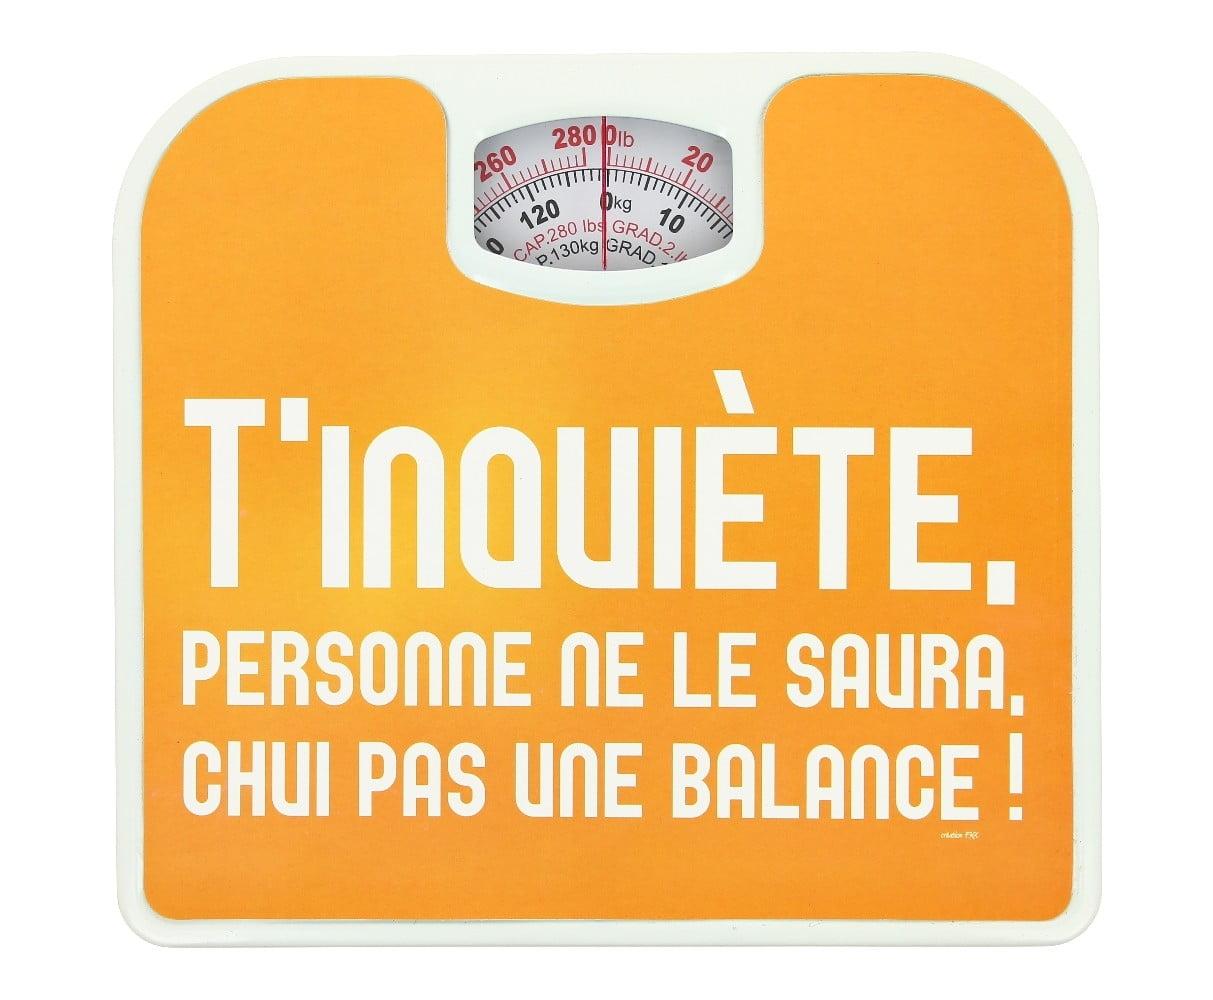 perte de poids de bande de recouvrement le premier mois 20 livres de perte de poids en 3 mois